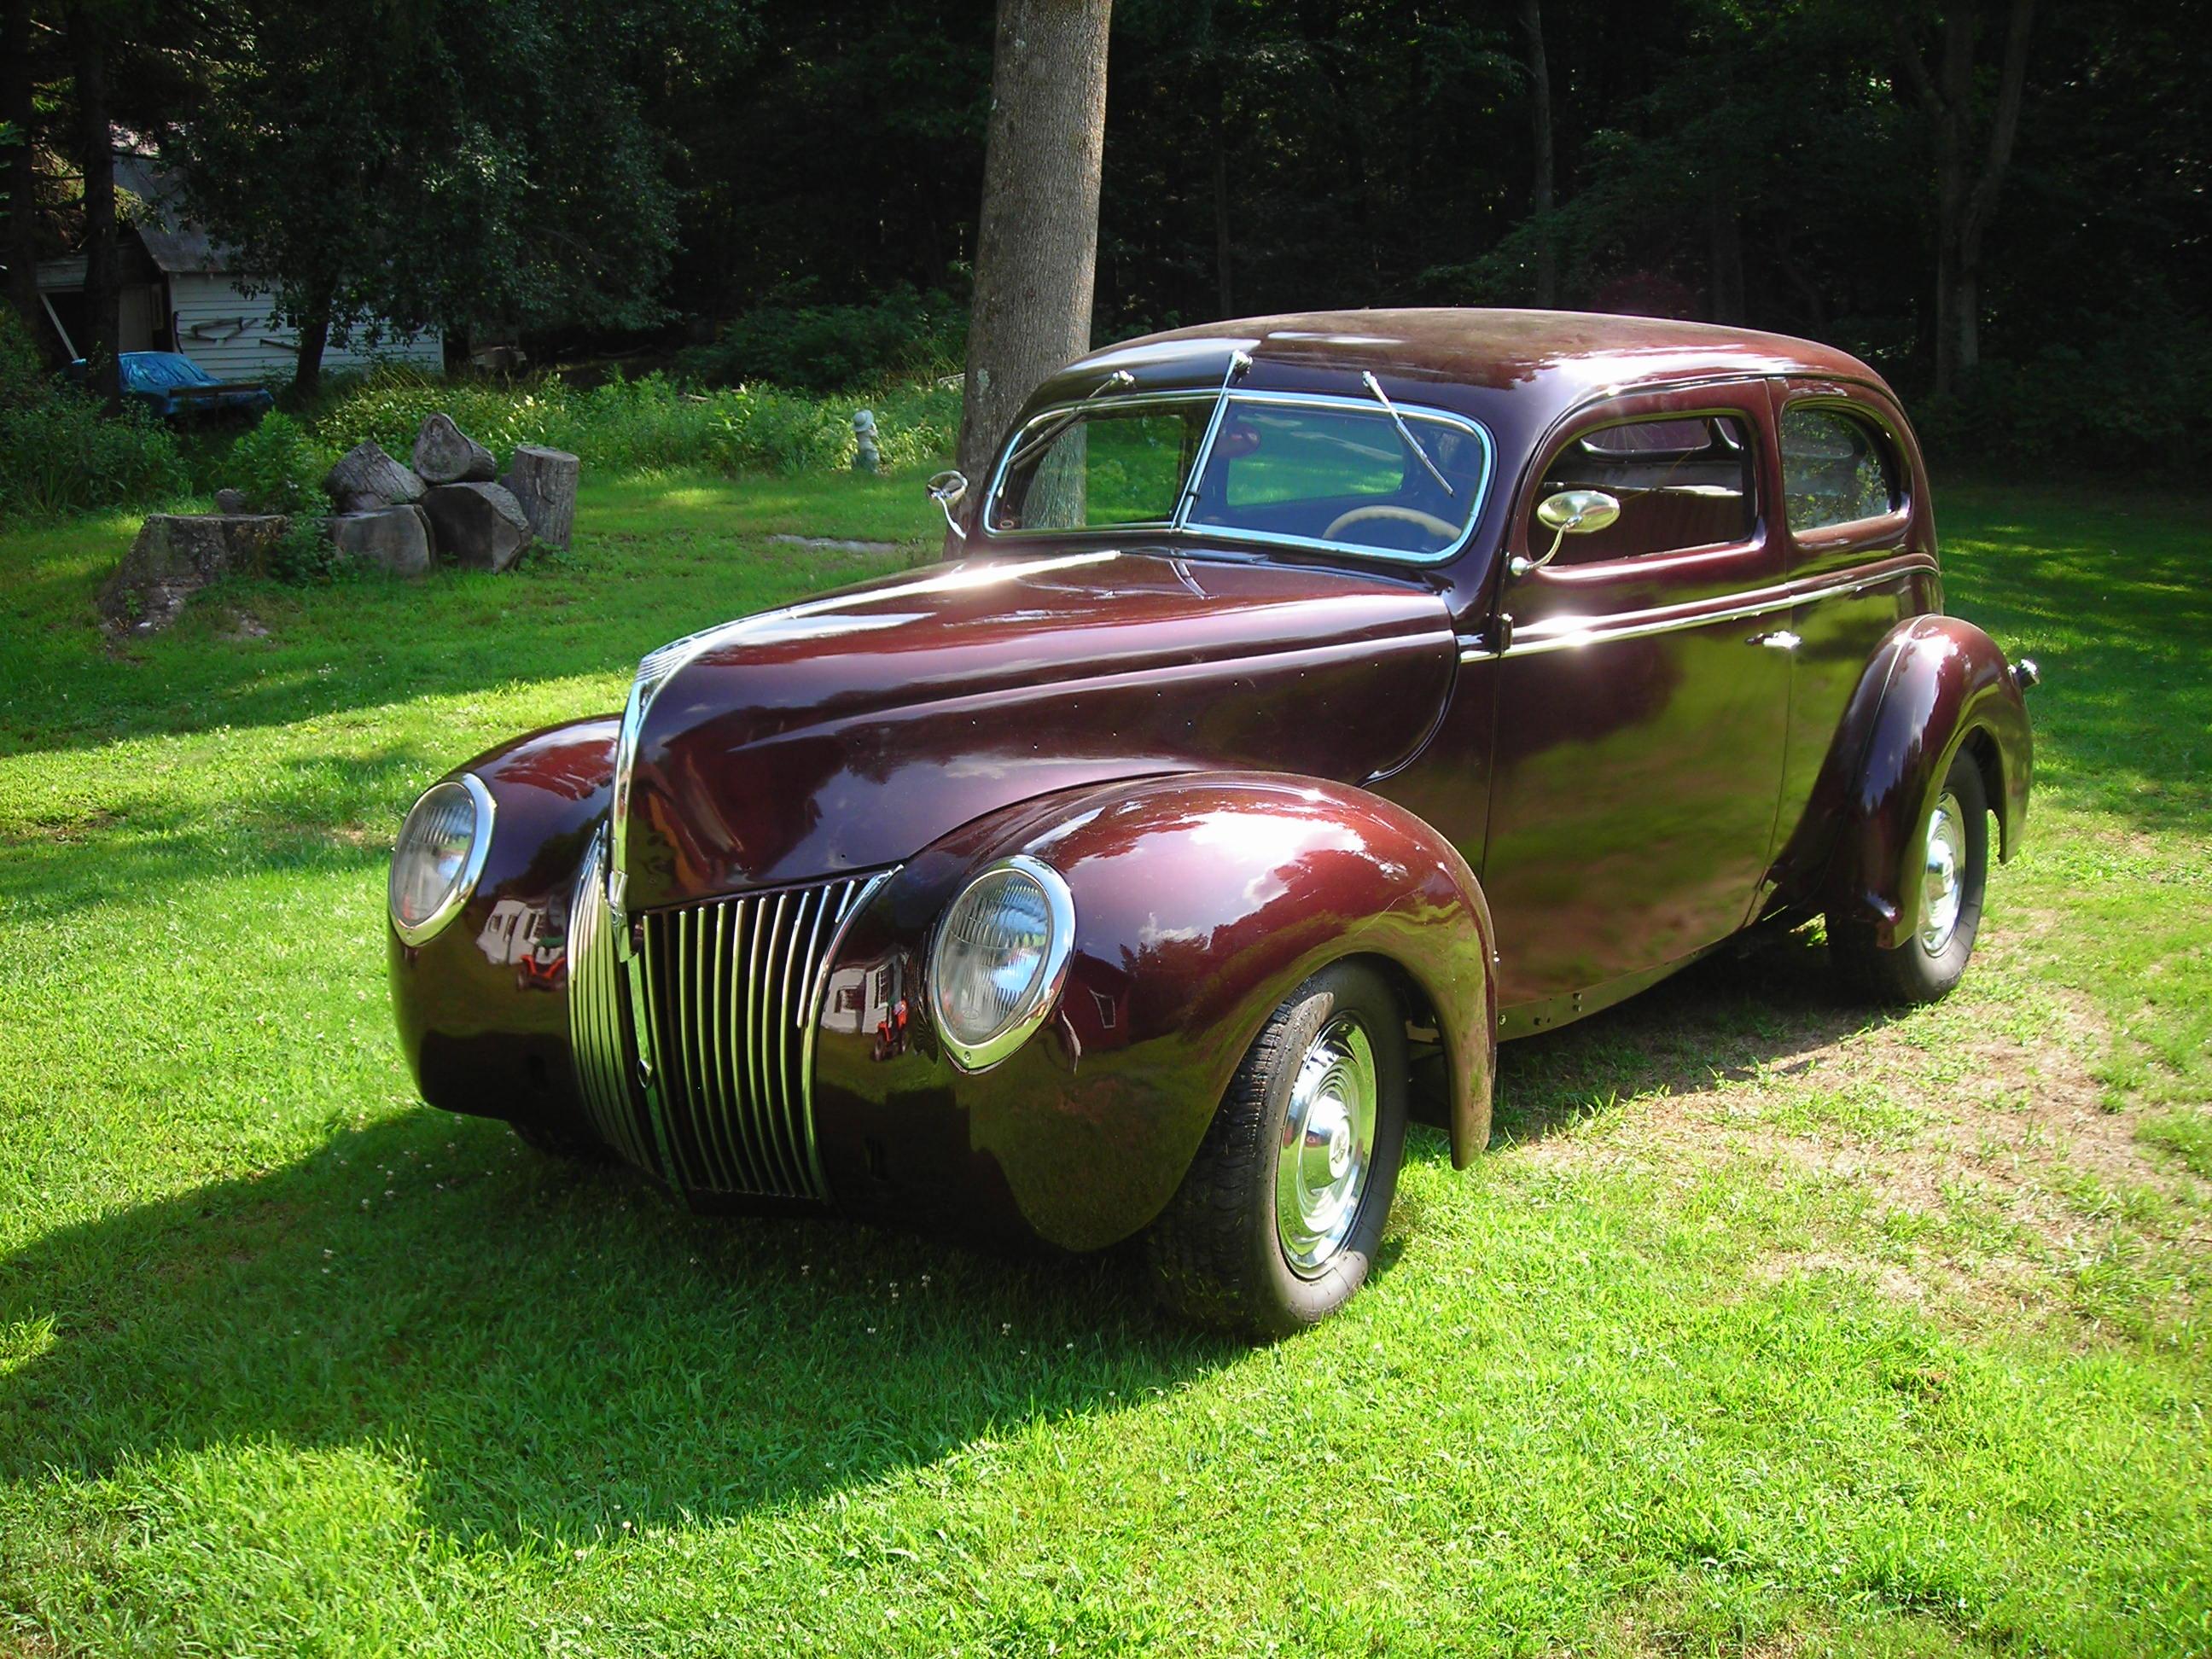 1939 Ford Deluxe 2 Dr. Sedan